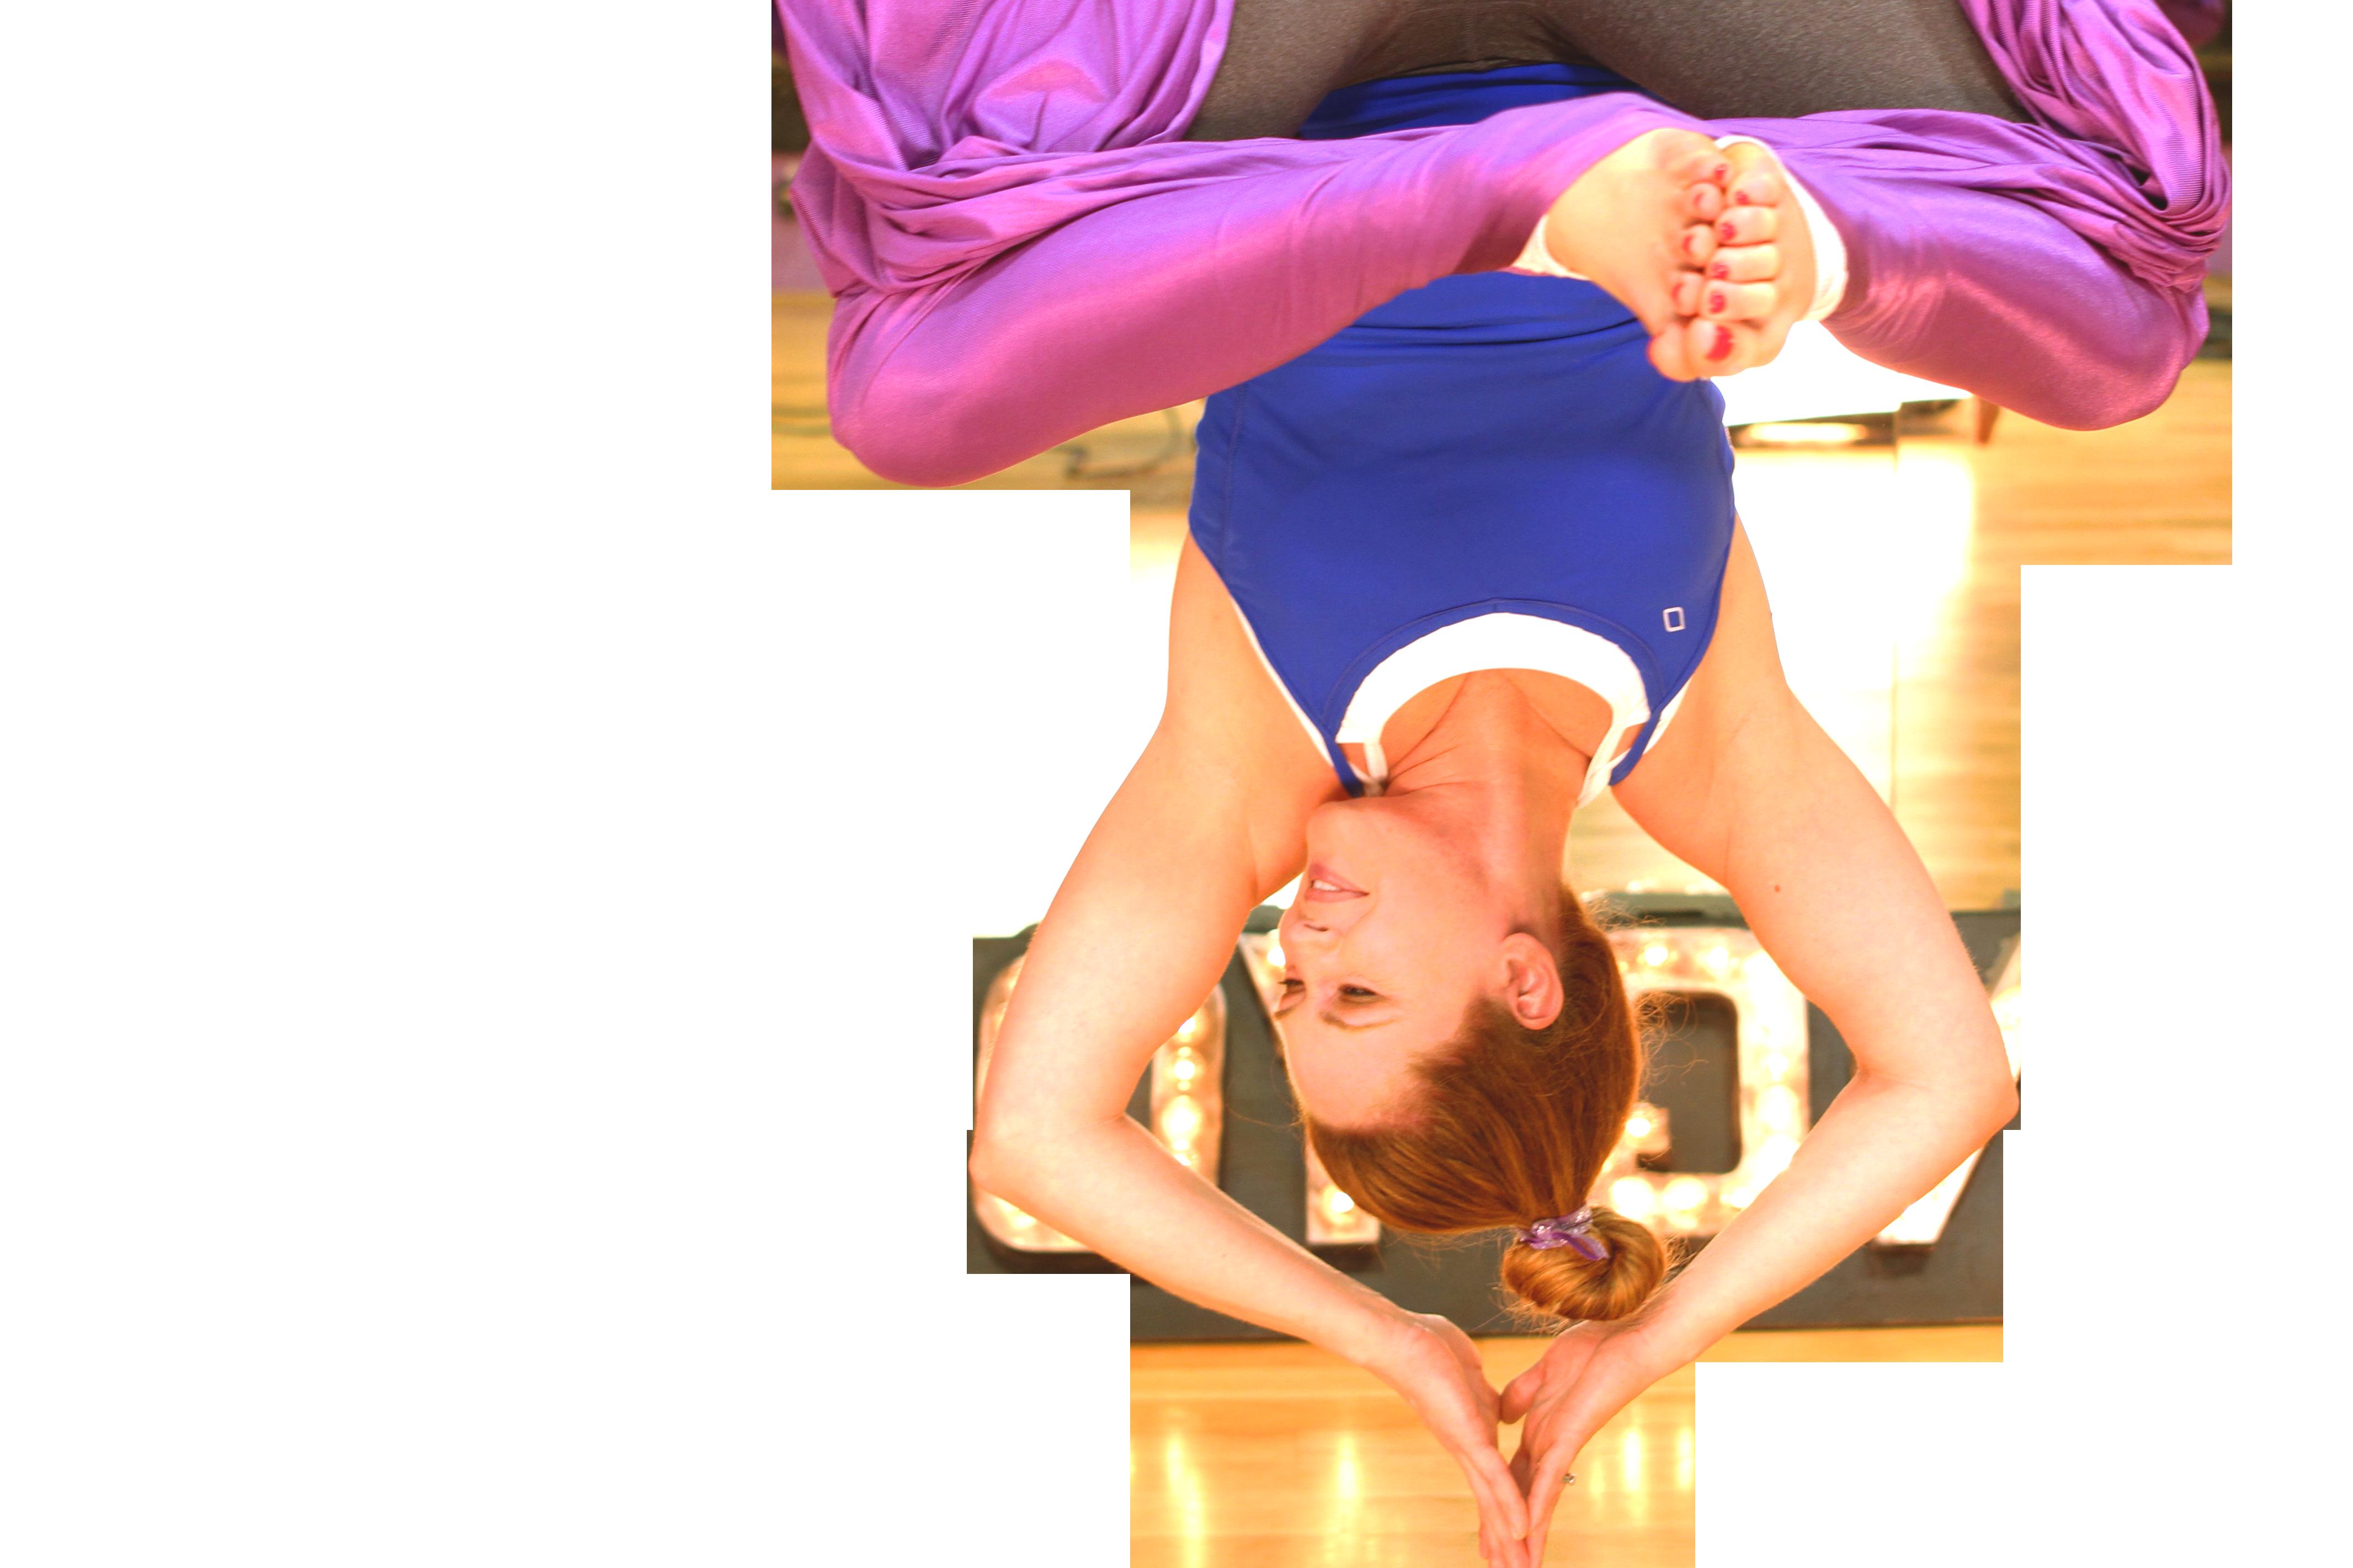 7762c675da UP FLYING YOGA   Aerial Yoga Arts